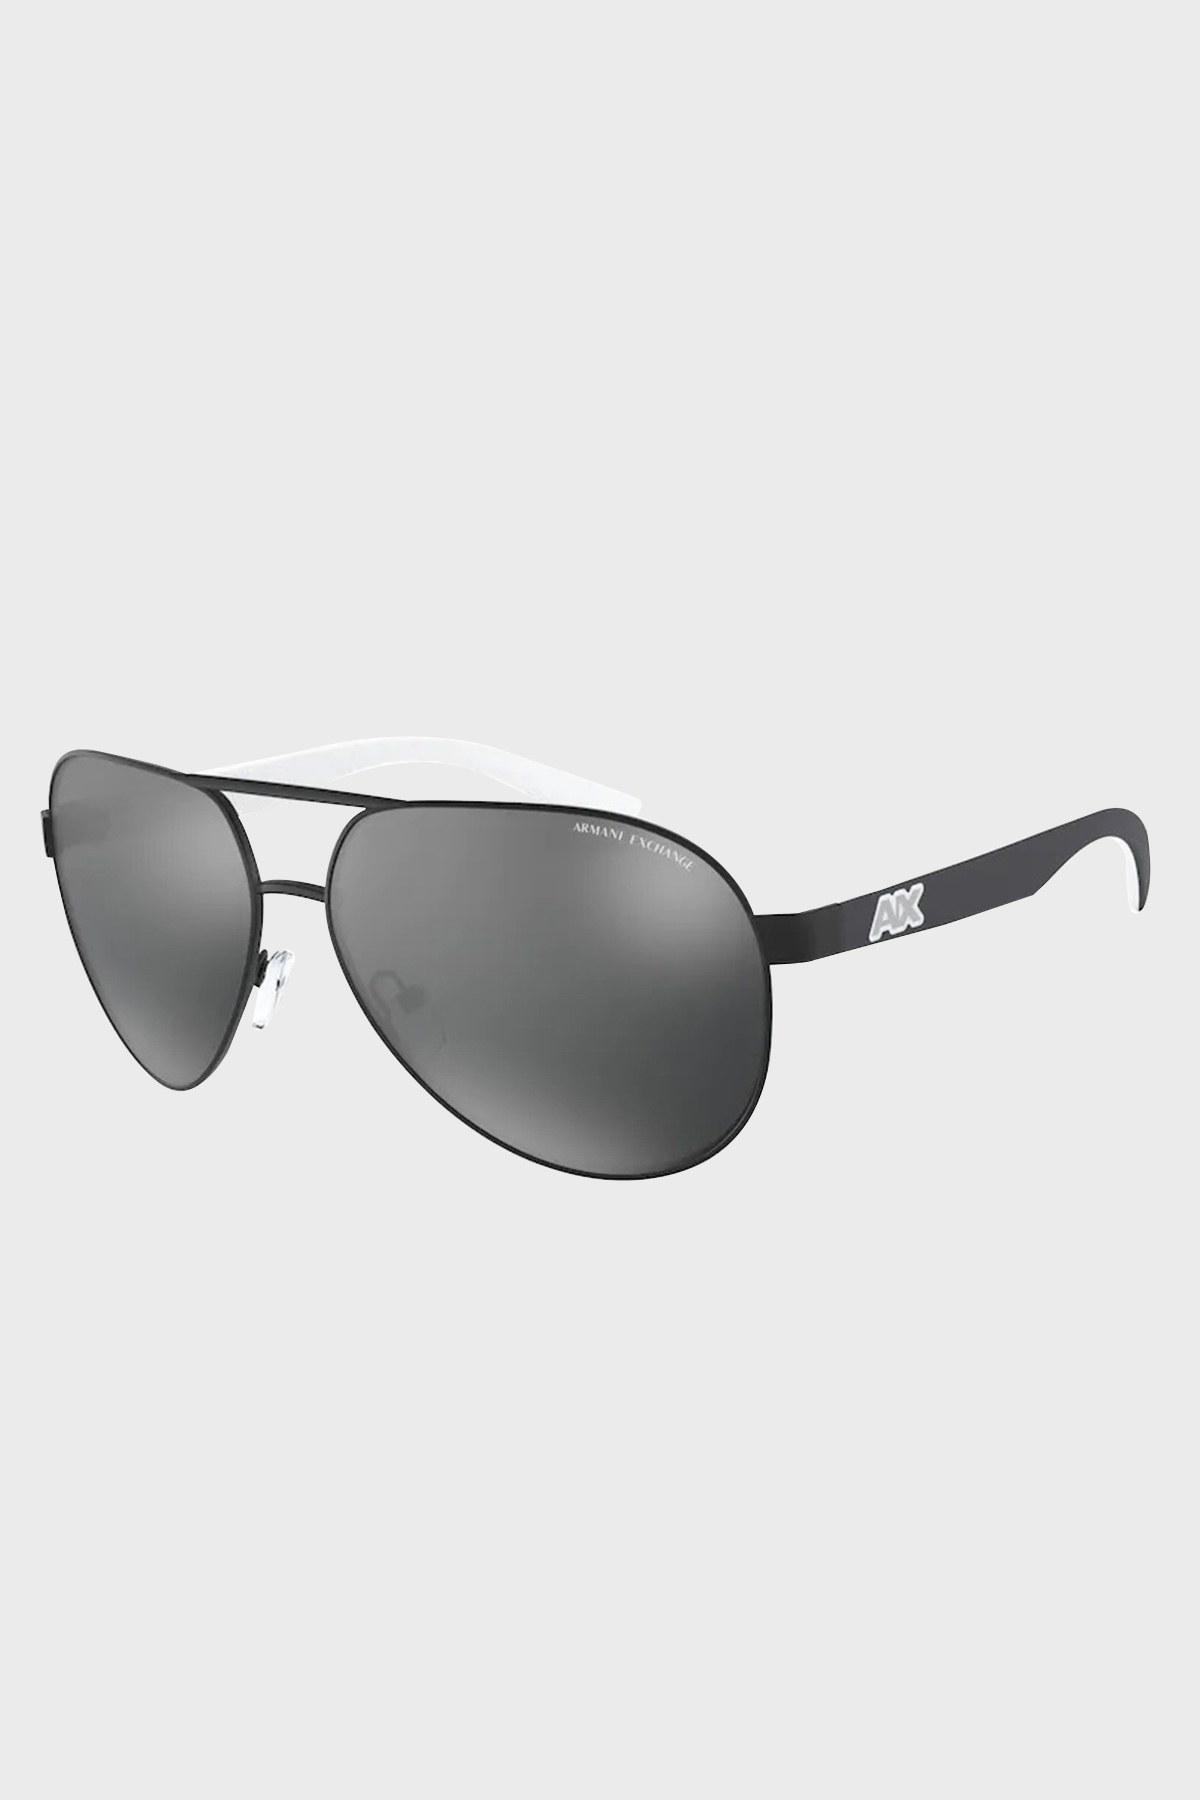 Armani Exchange Aynalı Erkek Gözlük 0AX2031S 60636G 60 SİYAH